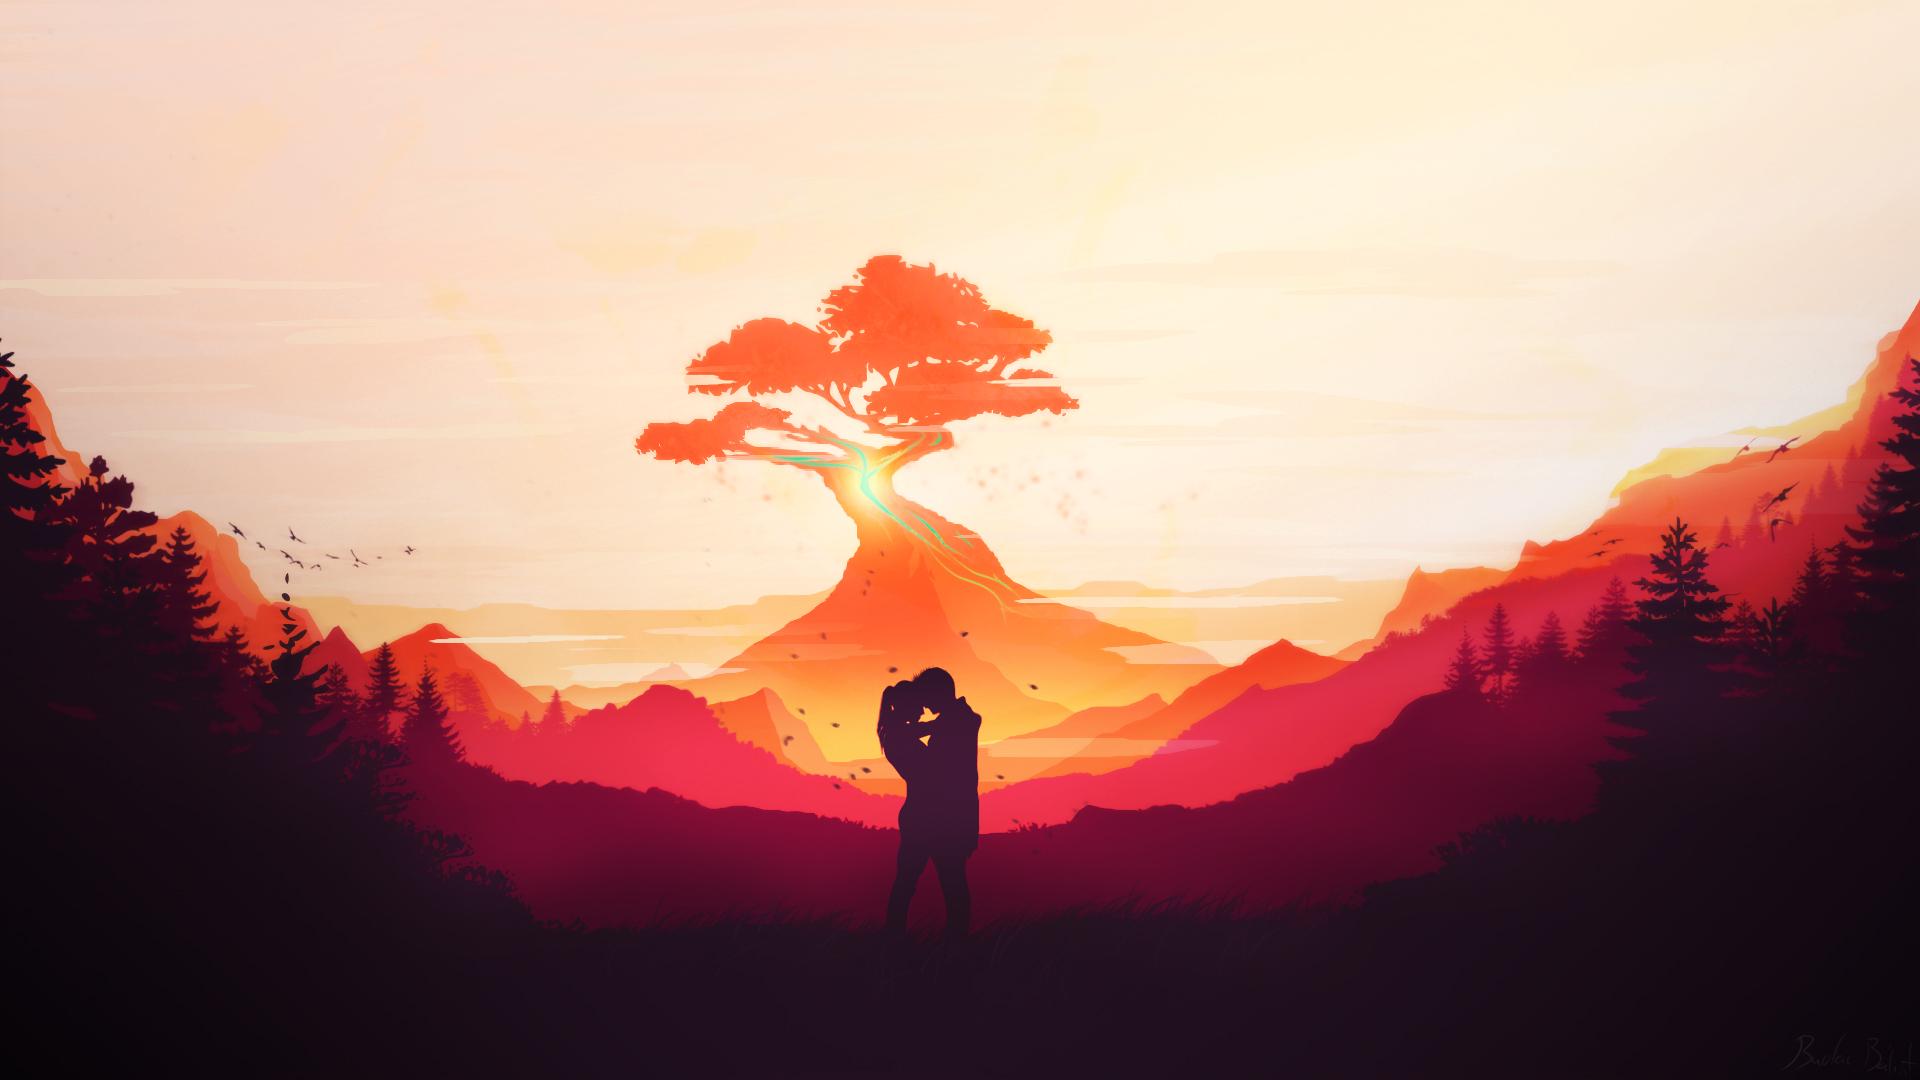 爱情美图,情侣,红色,背影,爱情,风景